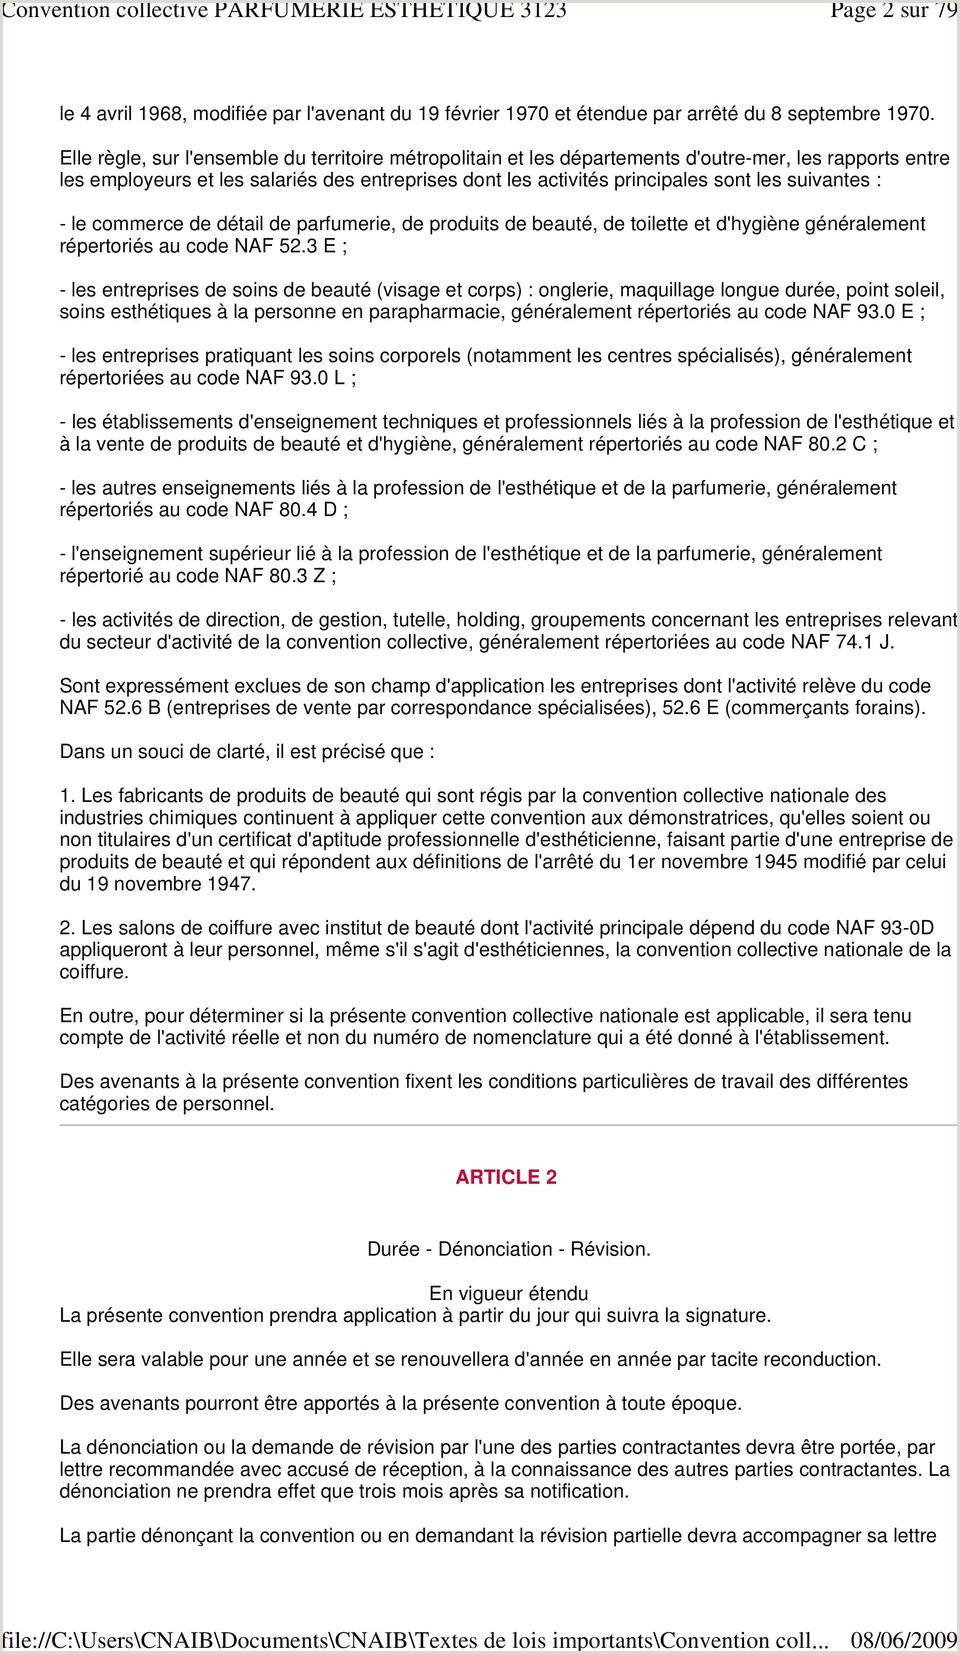 Des Exemples De Cv Pdf Plan D Affaire Salon De Coiffure Pdf 29 Conception Plan D